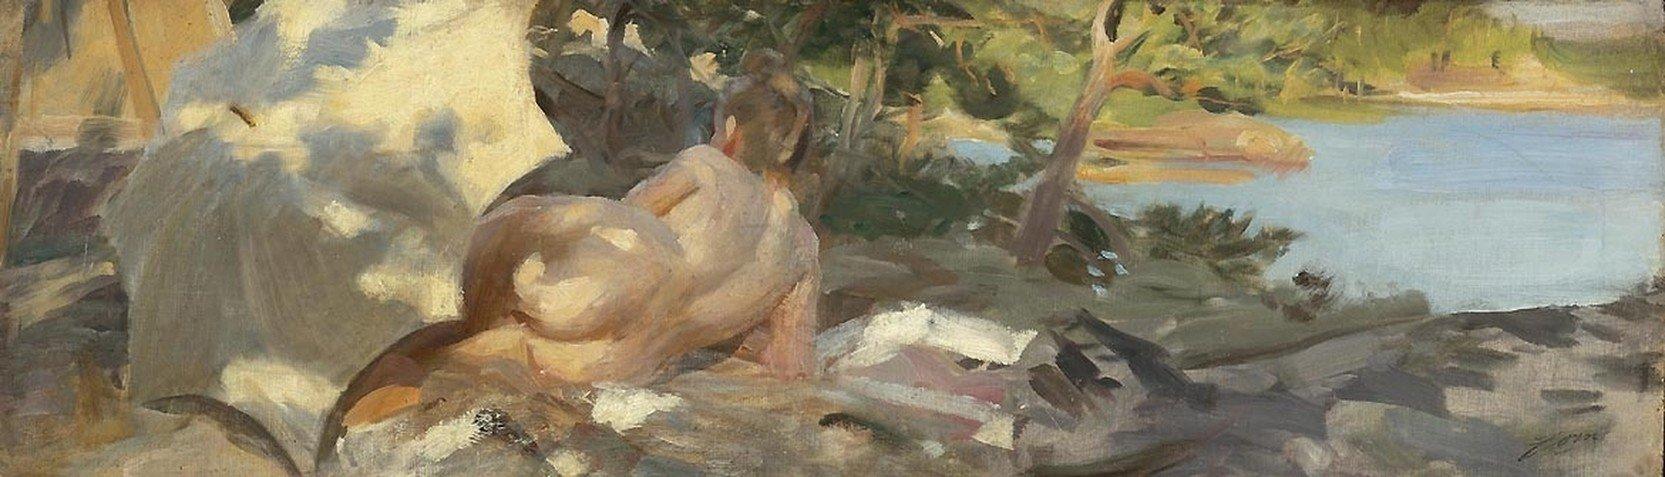 Künstler - Anders Zorn